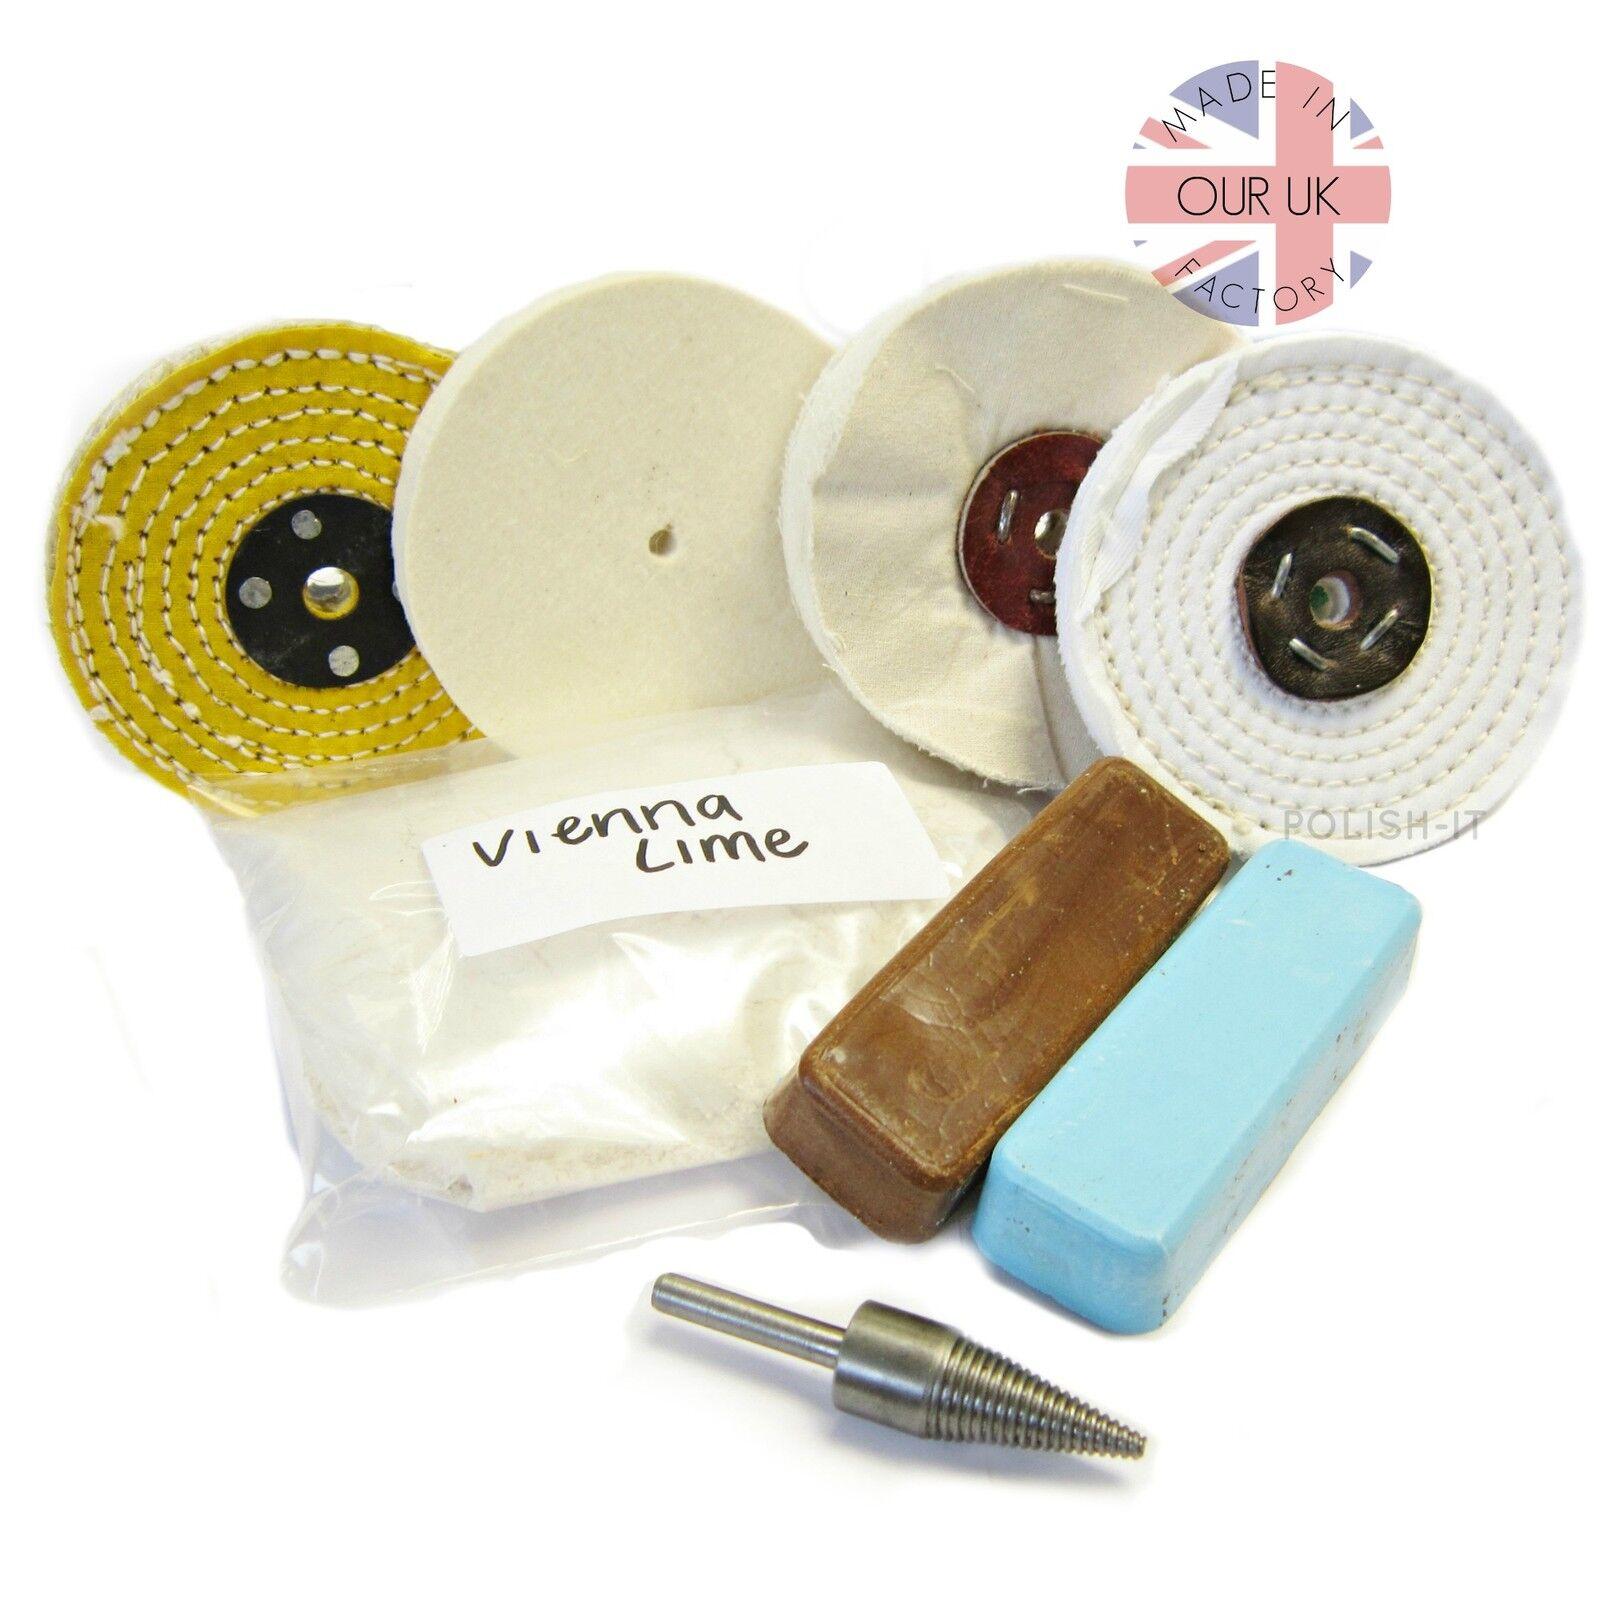 Métal polissage kit 13 pour métaux non ferreux vadrouilles et polissage composé